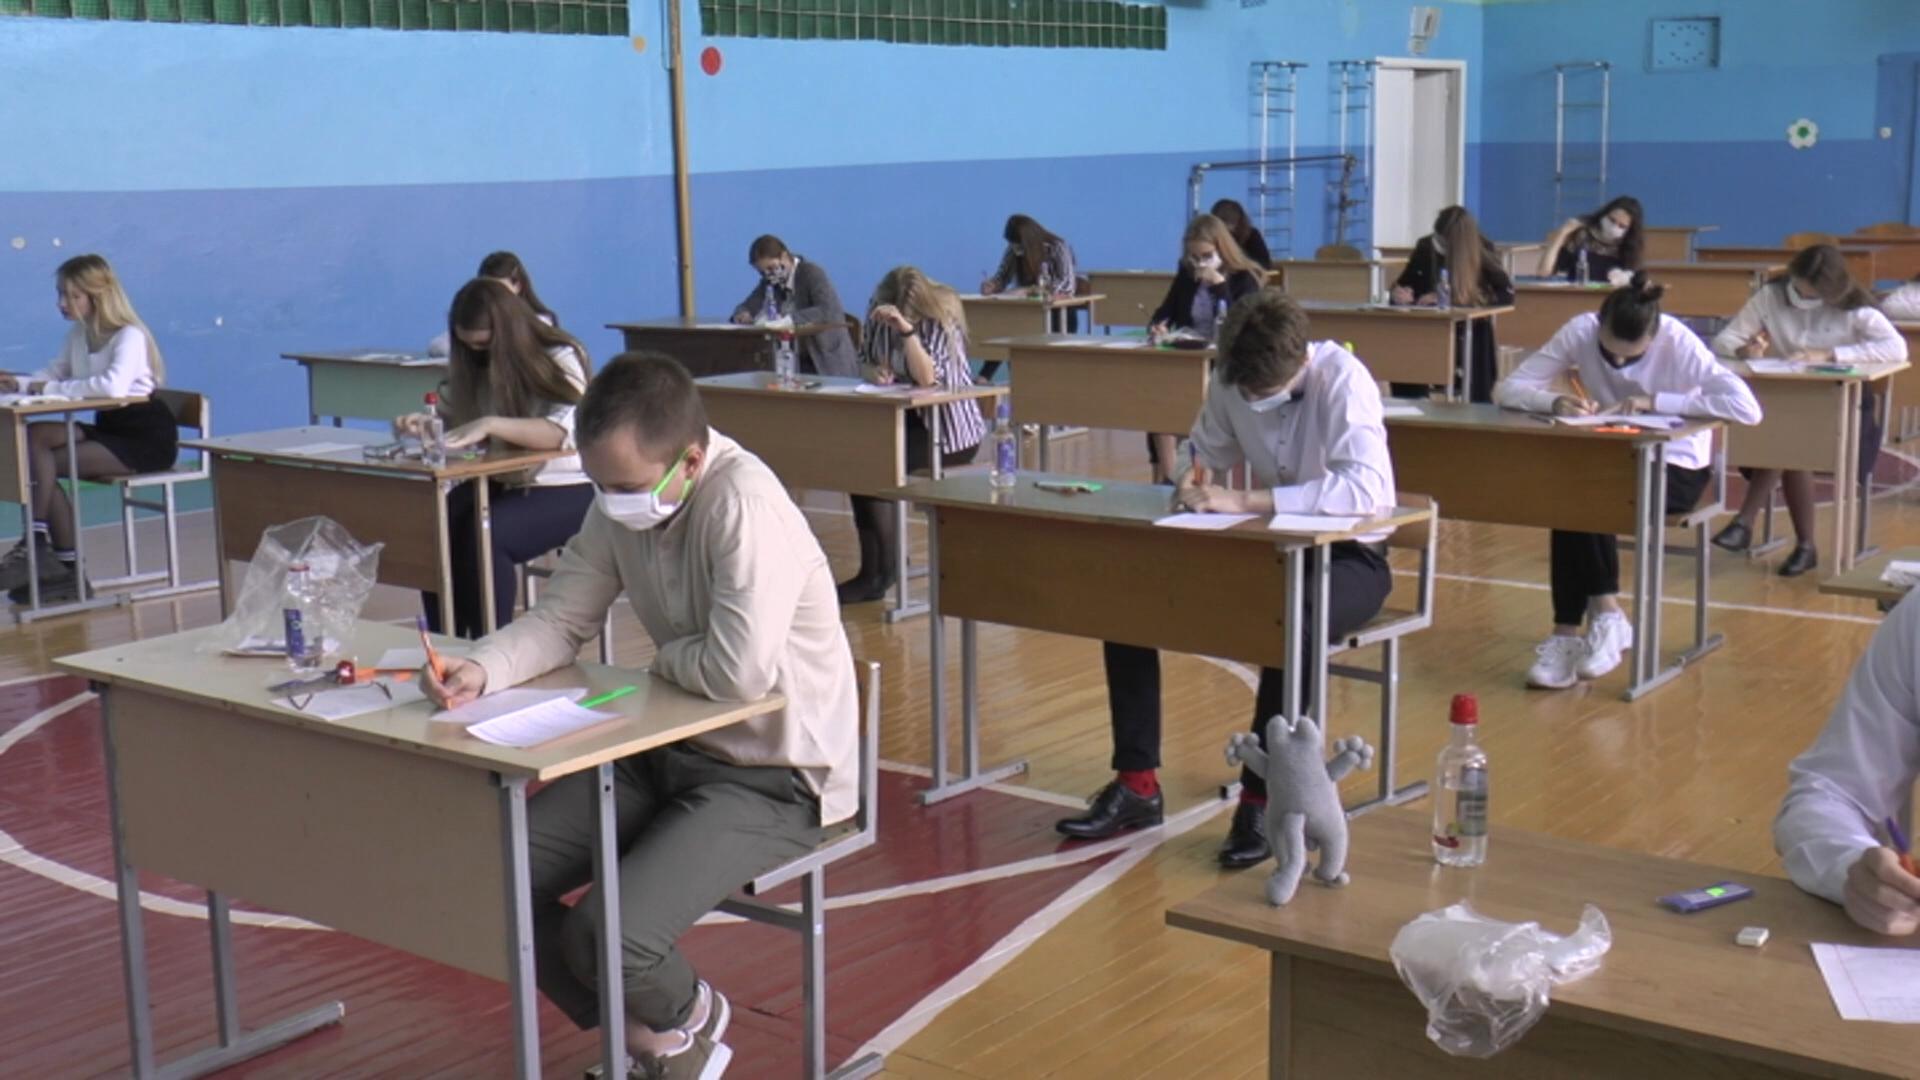 Санитарная служба следит за проведением выпускных экзаменов в школах.